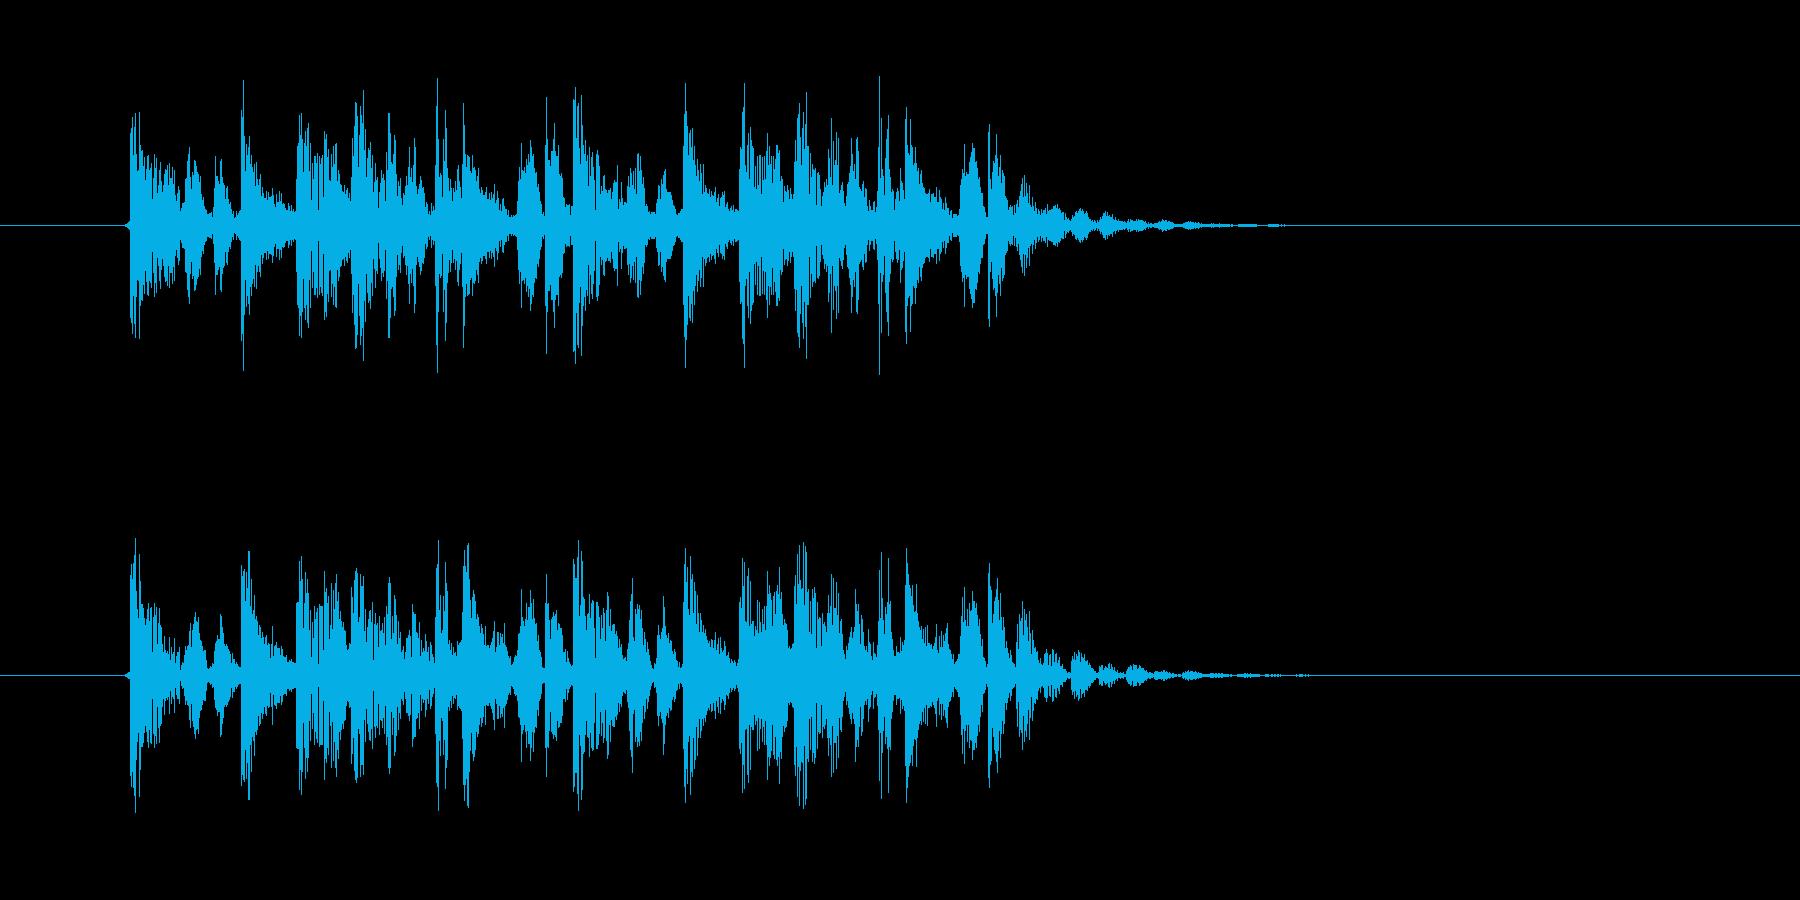 疾走感のある幻想的な音楽の再生済みの波形